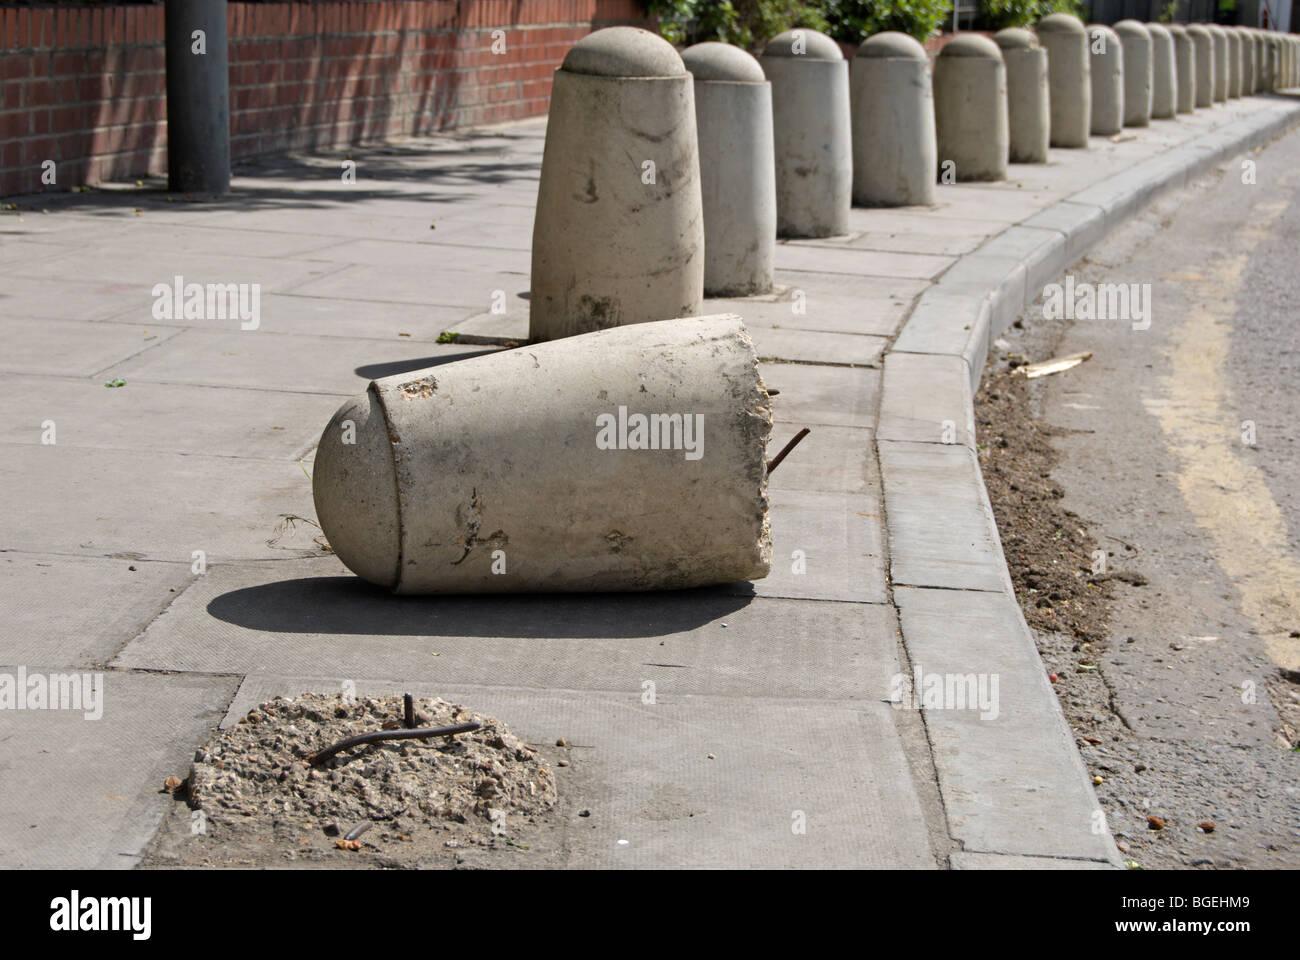 Concrete Pole Barriers : Concrete bollards stock photos